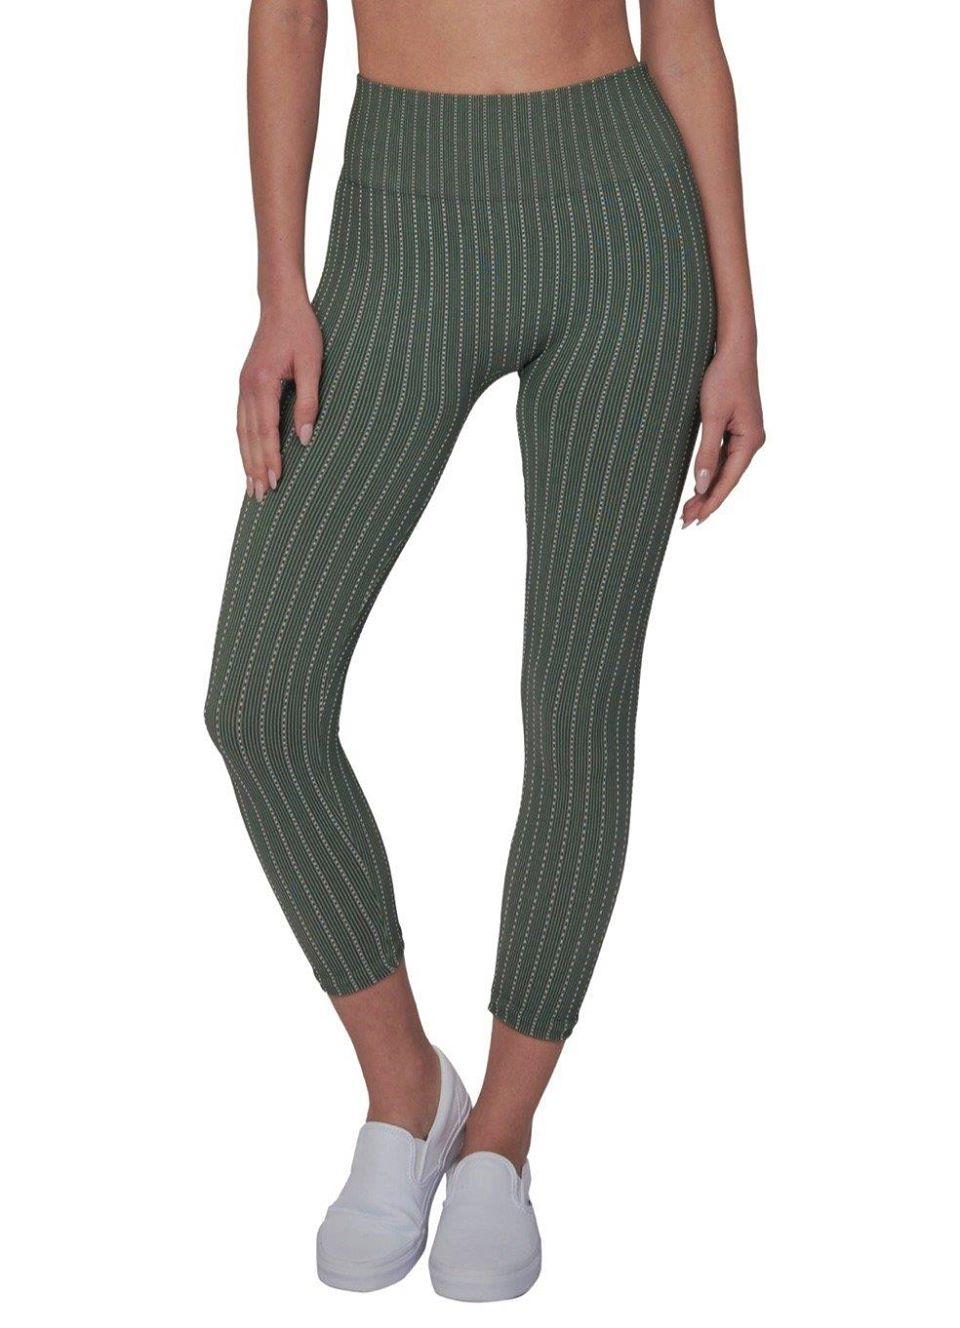 Electric Fields Shorts- Mink Pink- $61 on Wanelo